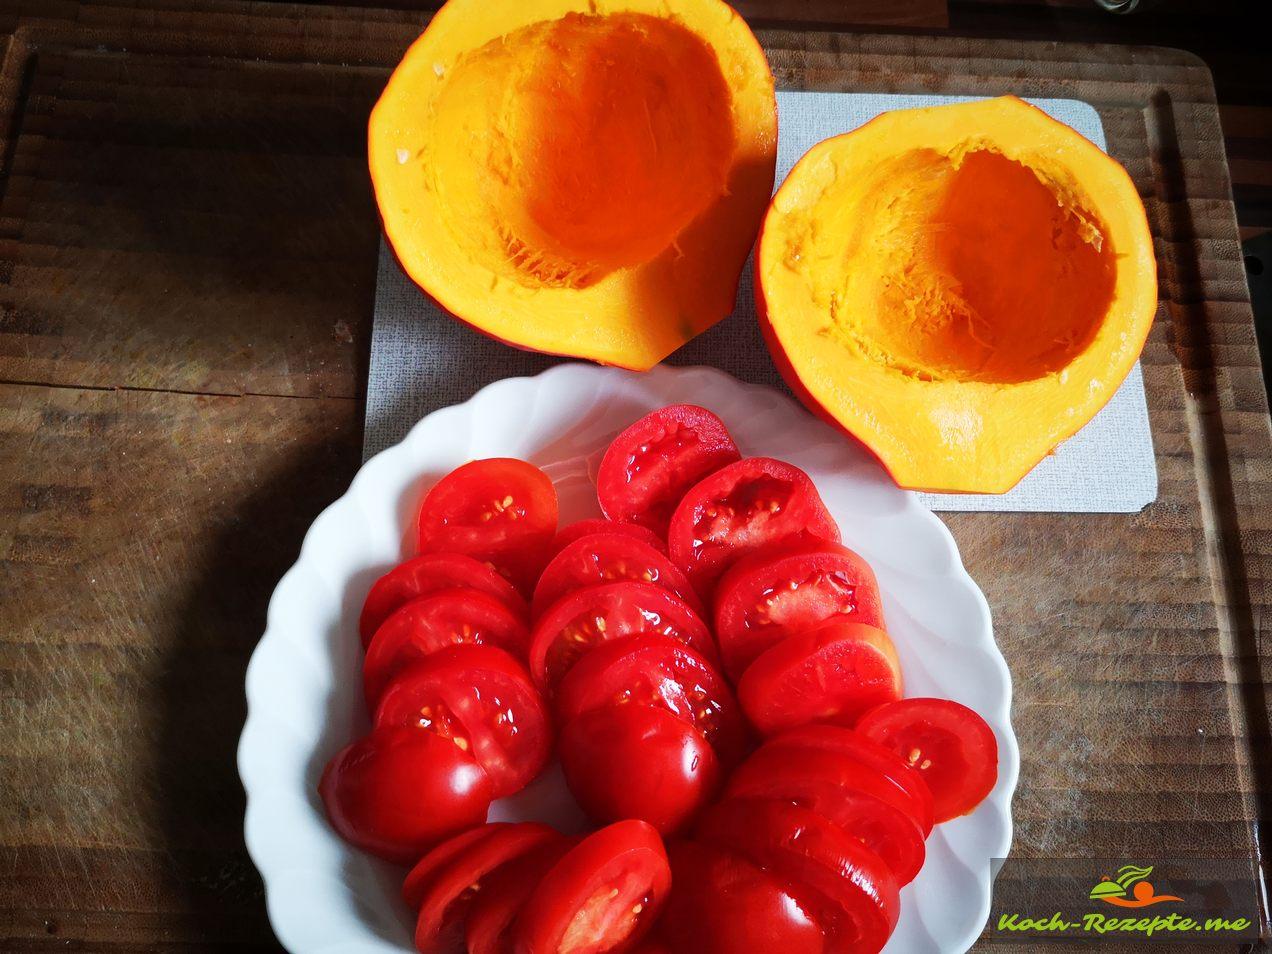 Tomaten und Hokkaido aus meinem Garten geerntet